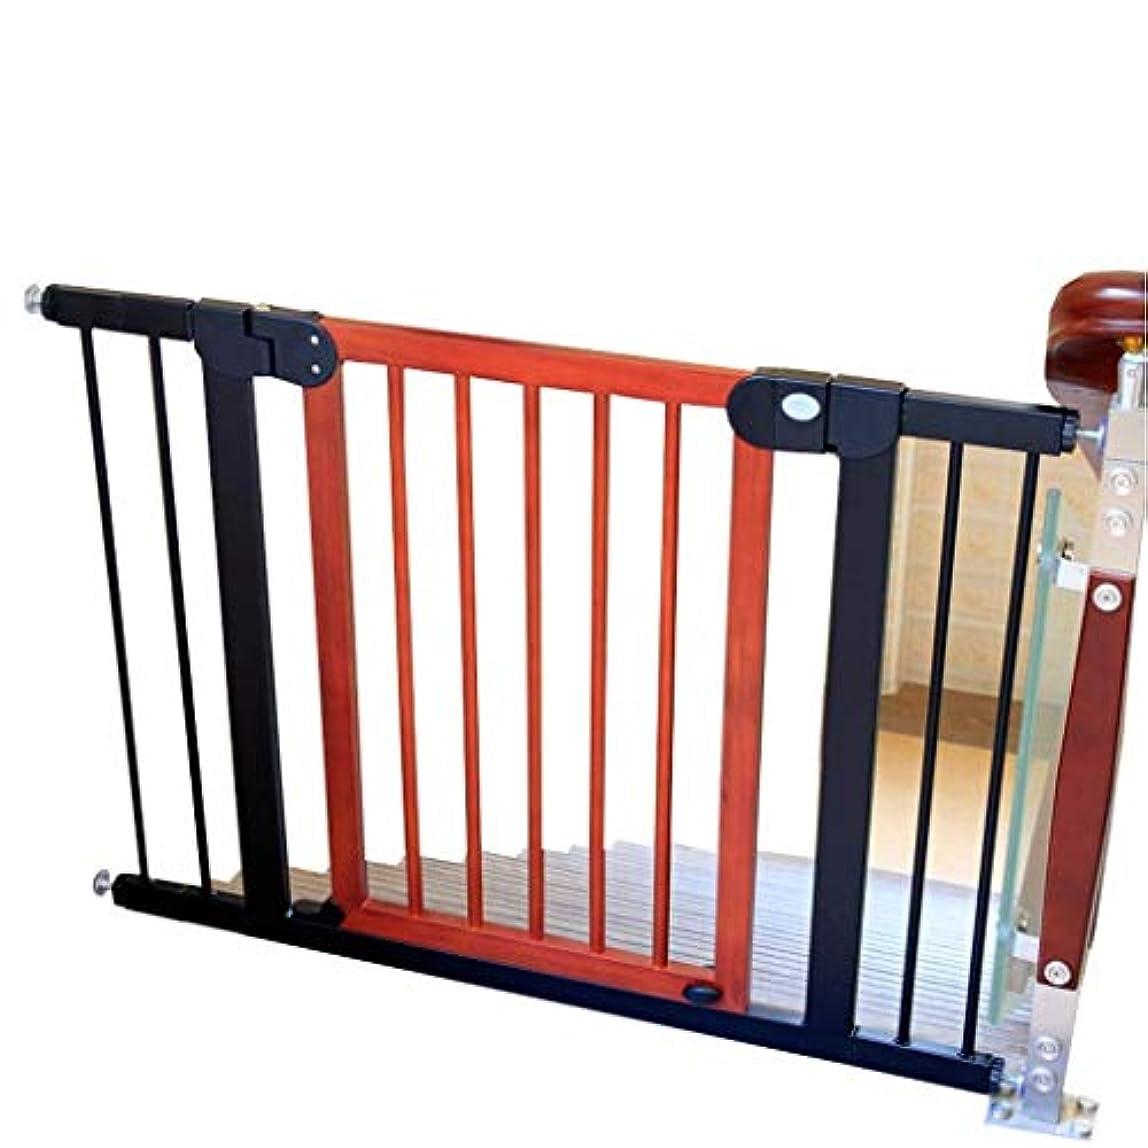 航空会社共同選択見込み育児 ベビーゲート ペットゲートをセットアップすること容易な木の安全ゲート、赤ん坊の階段ゲートペットゲート ベビーフェンス (Size : 97-104cm)